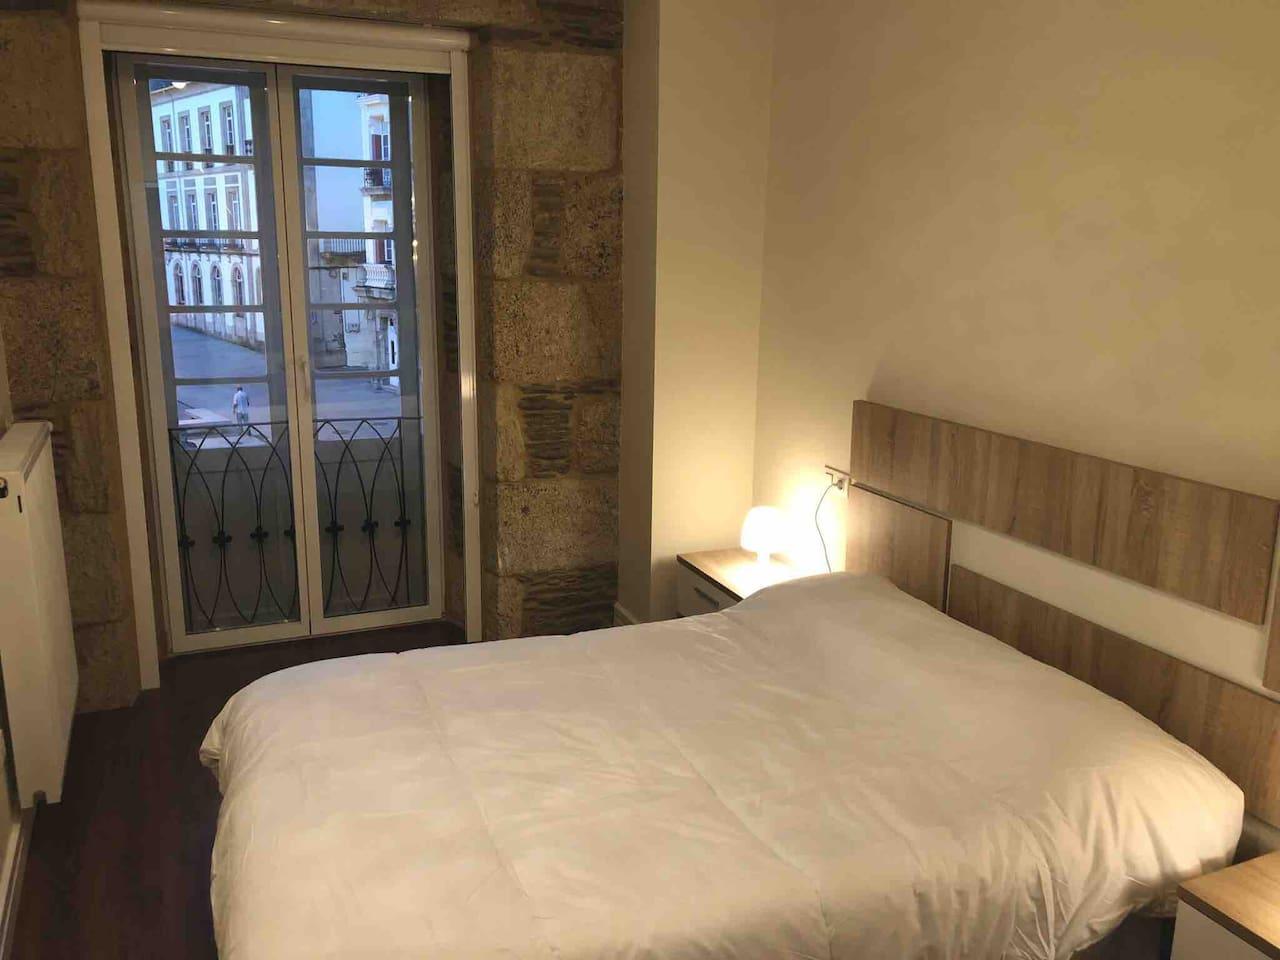 Habitación con cama matrimonial (135). Cuenta con lámparas en cada mesa de noche, armario y cómoda. Vistas a la Plaza Mayor.